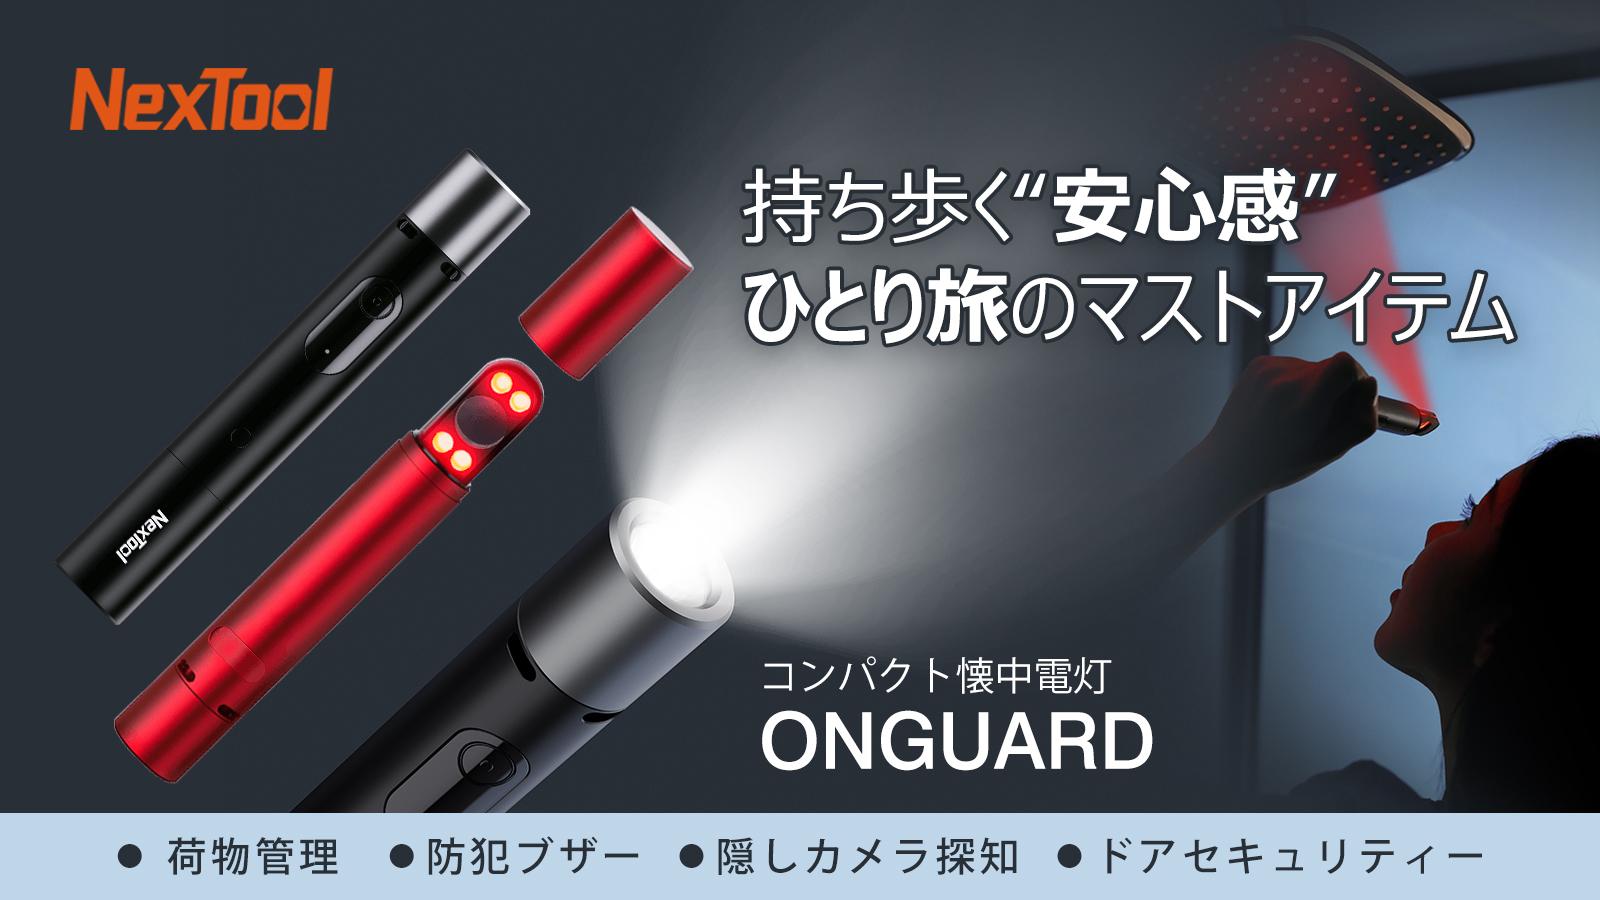 隠しカメラ探知&ドアセキュリティー対策ができる、3in1懐中電灯「ONGUARD」